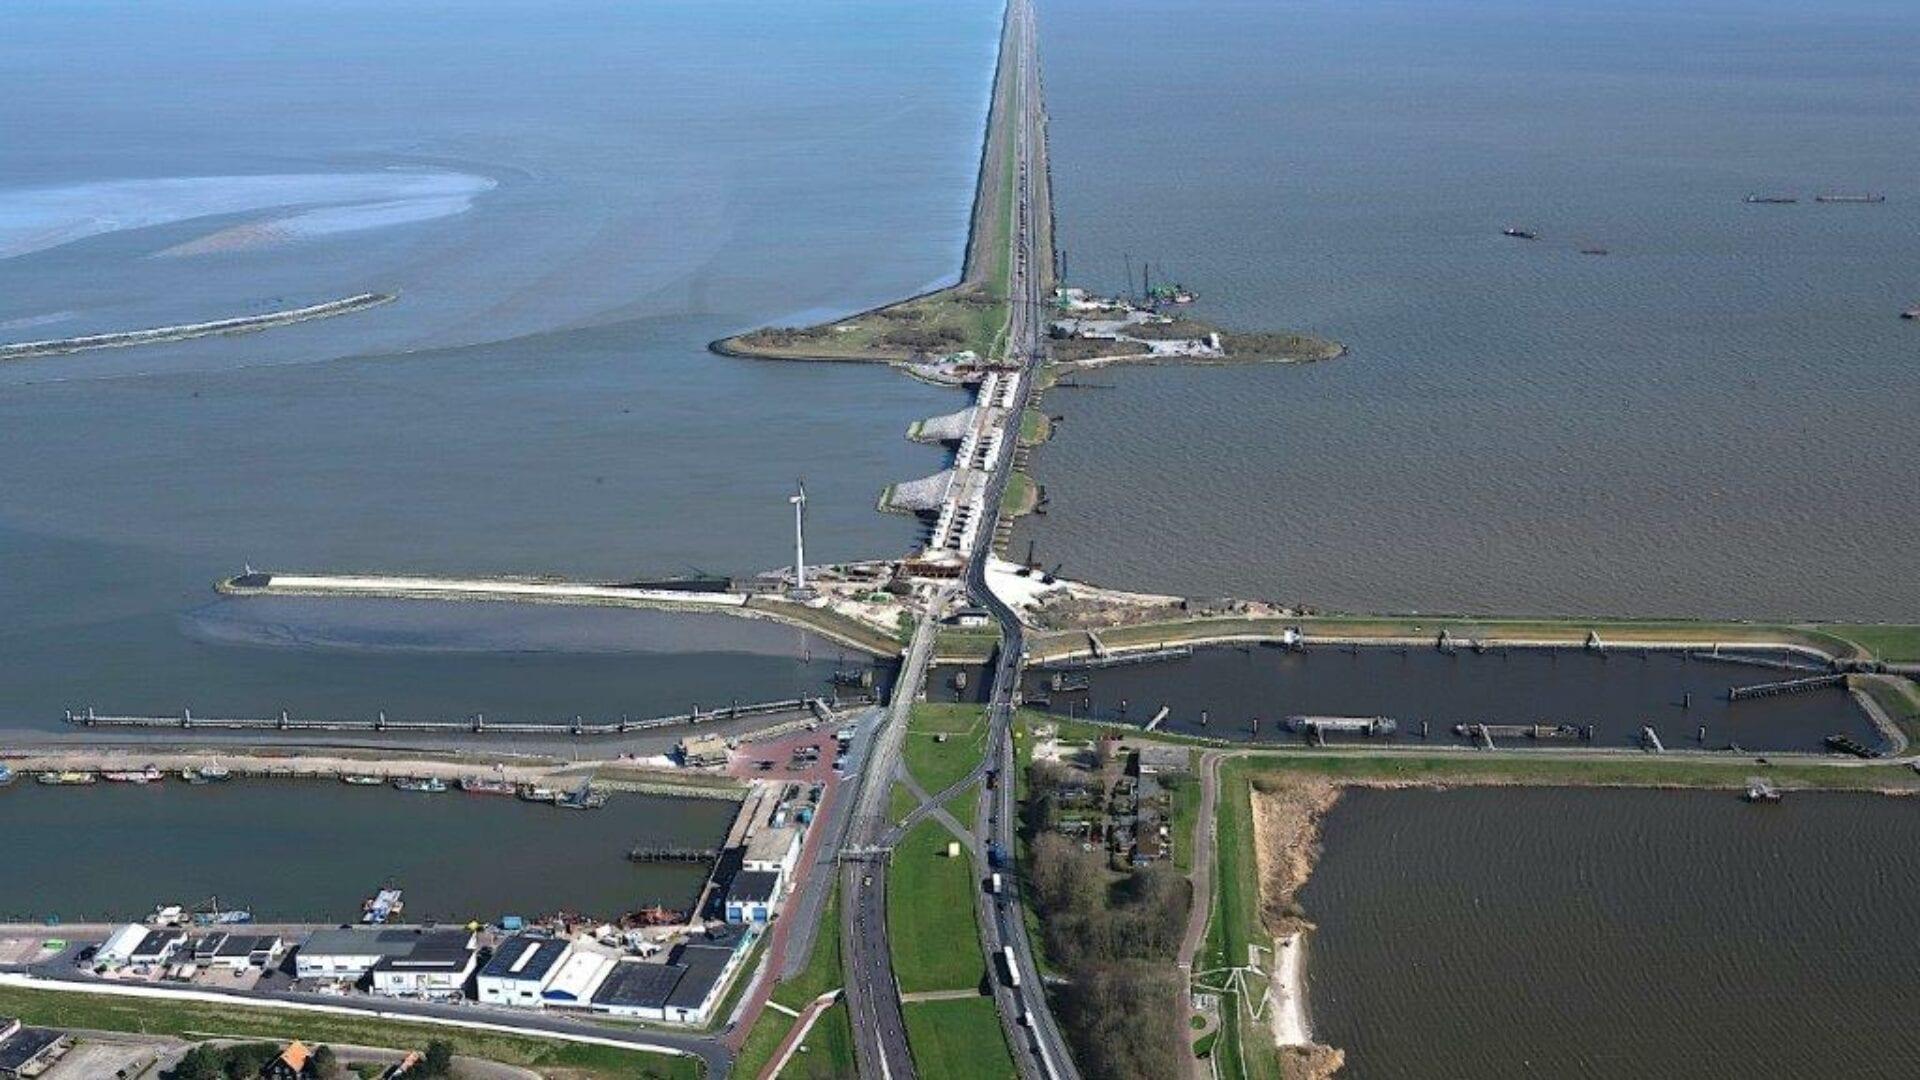 Luchtfoto van de Afsluitdijk. Je kijkt van boven, van de kant bij Den Oever, uit op de sluizen. Uit beeld loopt de lange Afsluitdijk naar achter. Aan weerskanten het water van het IJsselmeer en de Waddenzee.